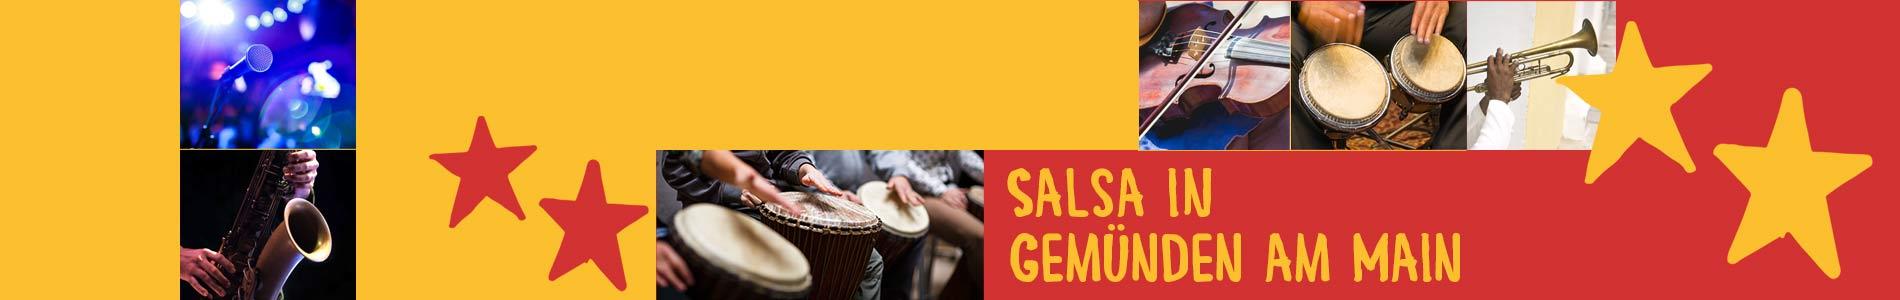 Salsa in Gemünden am Main – Salsa lernen und tanzen, Tanzkurse, Partys, Veranstaltungen